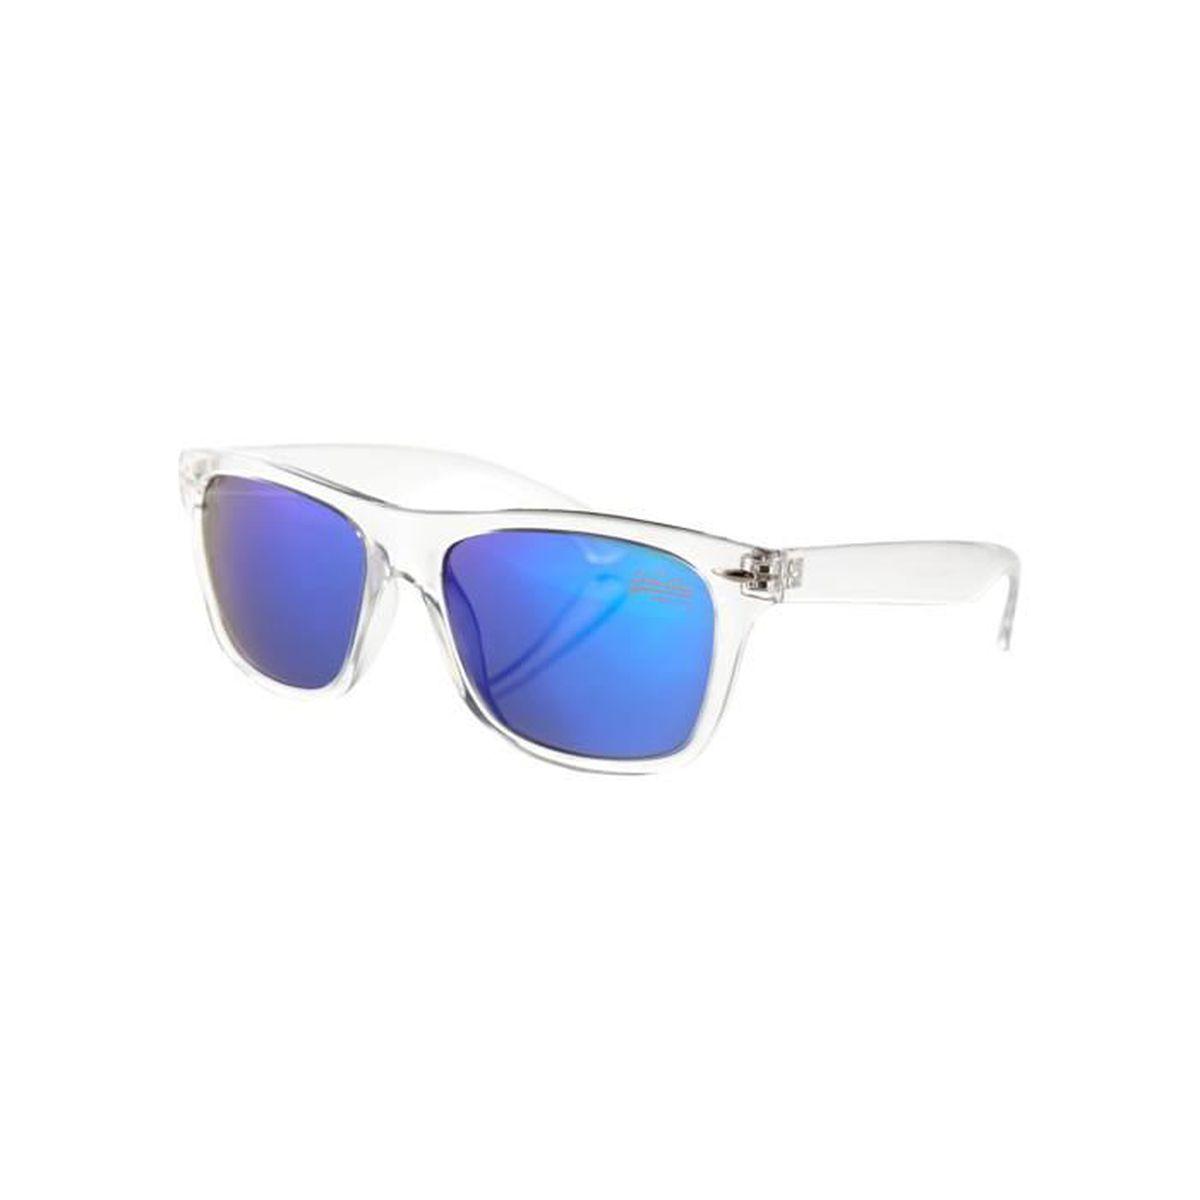 Rebel Lunettes Vente Achat De Superdry Homme SunglassesBleu P8nkwO0X